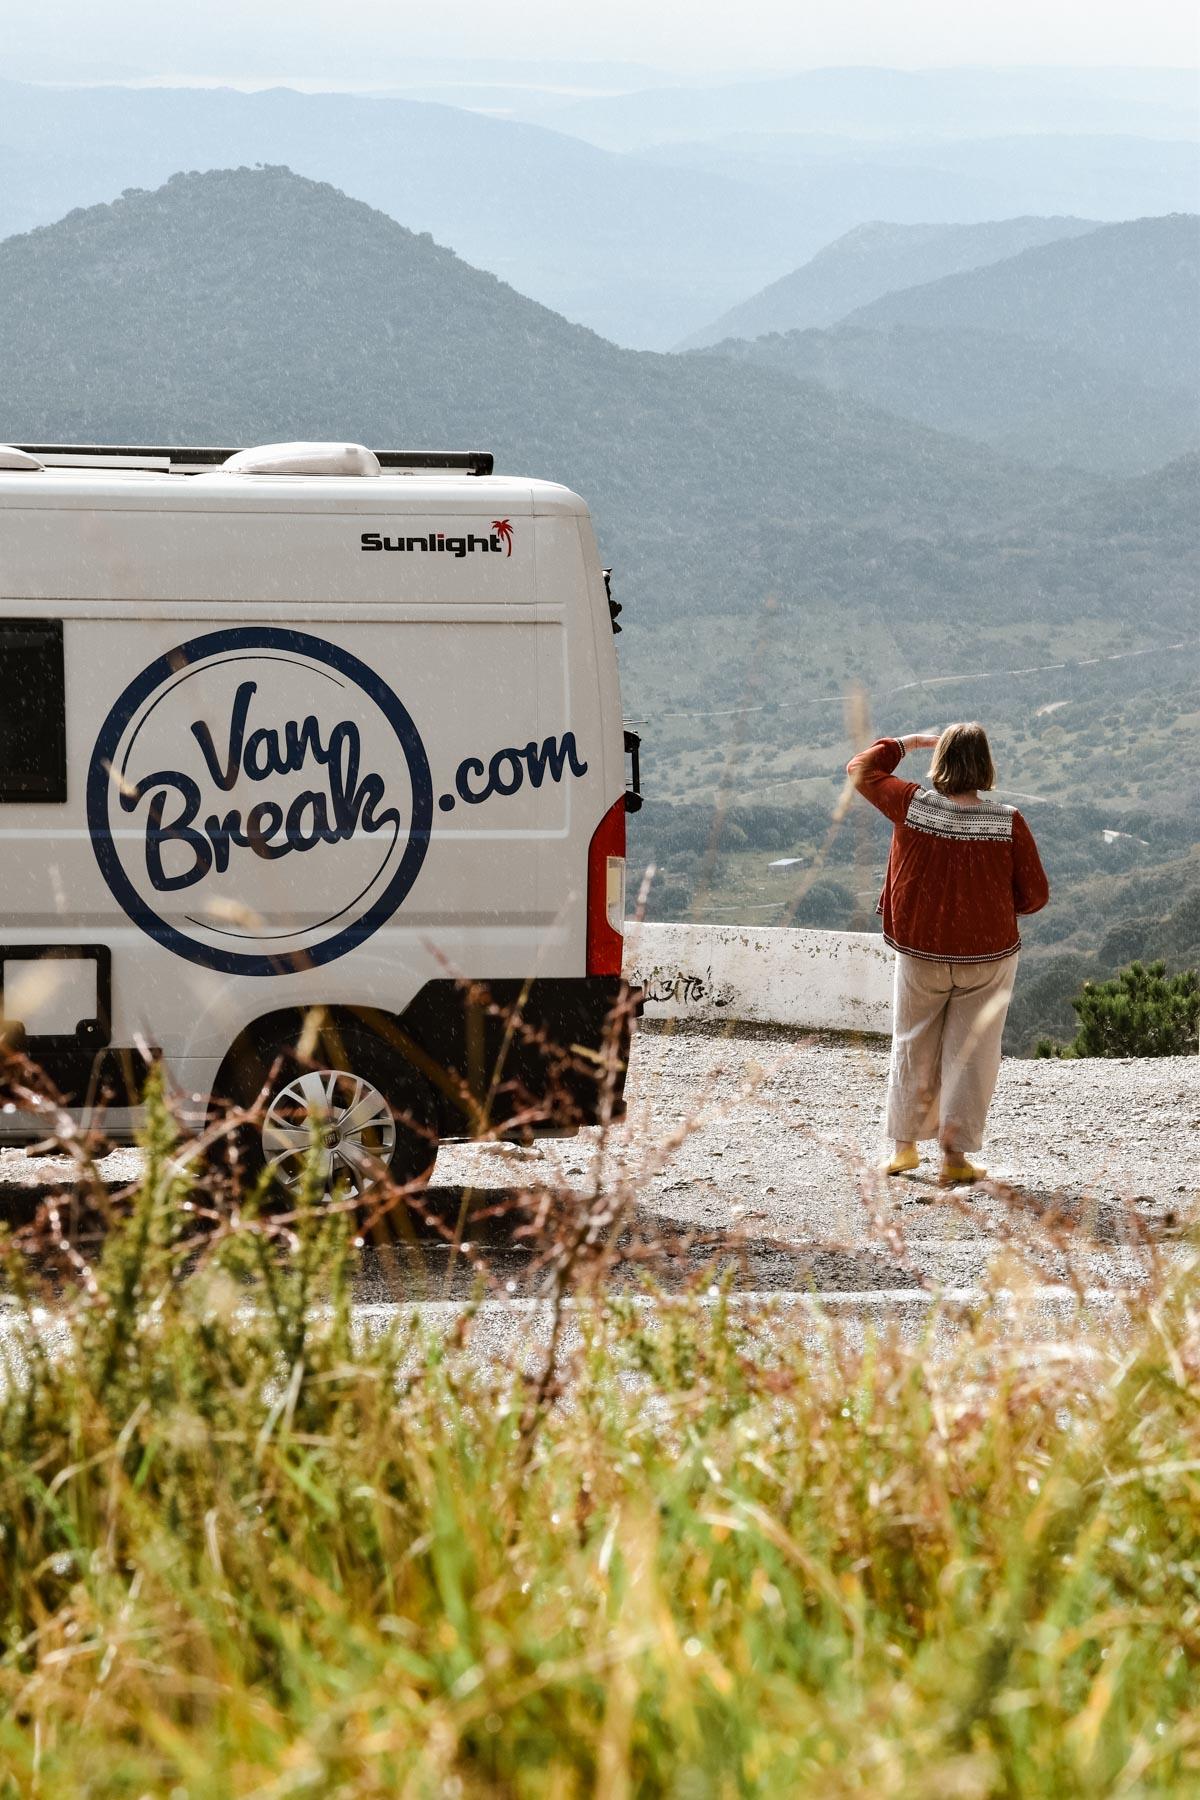 Vue sur le van VanBreak dans le parc Naturel de Grazalema, Andalousie